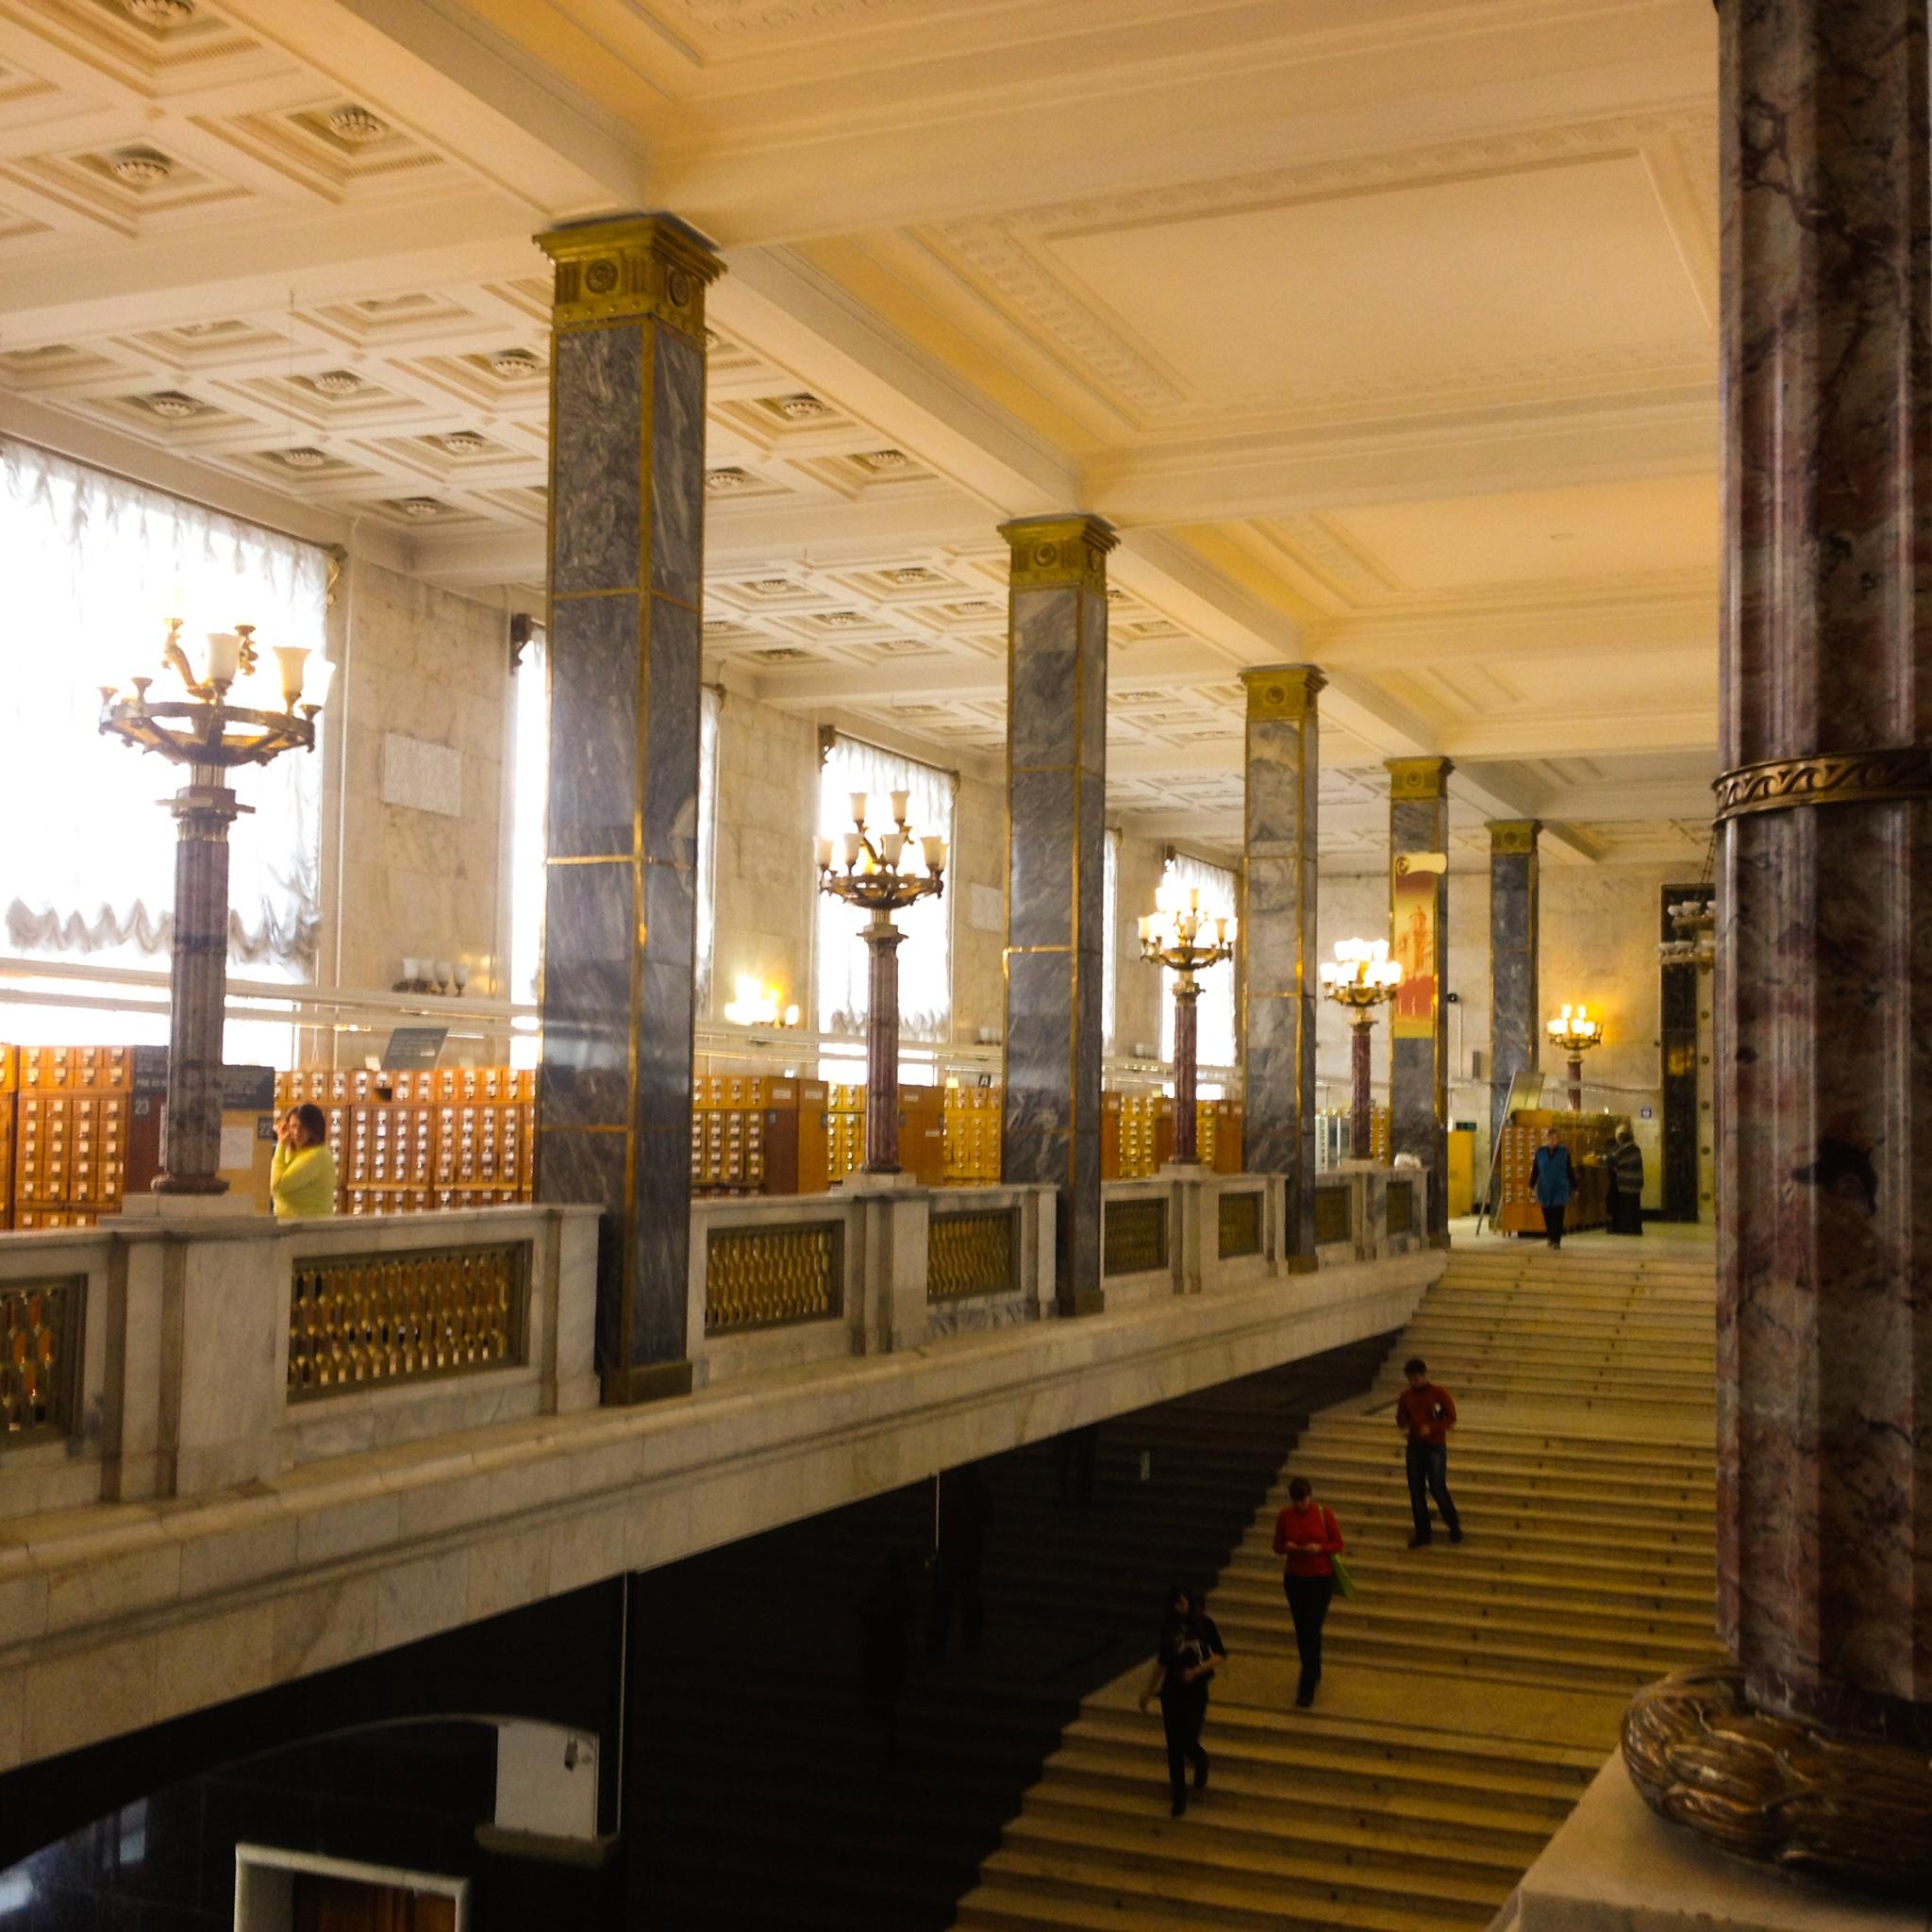 Die Eingangshalle mit Säulen und Laternen